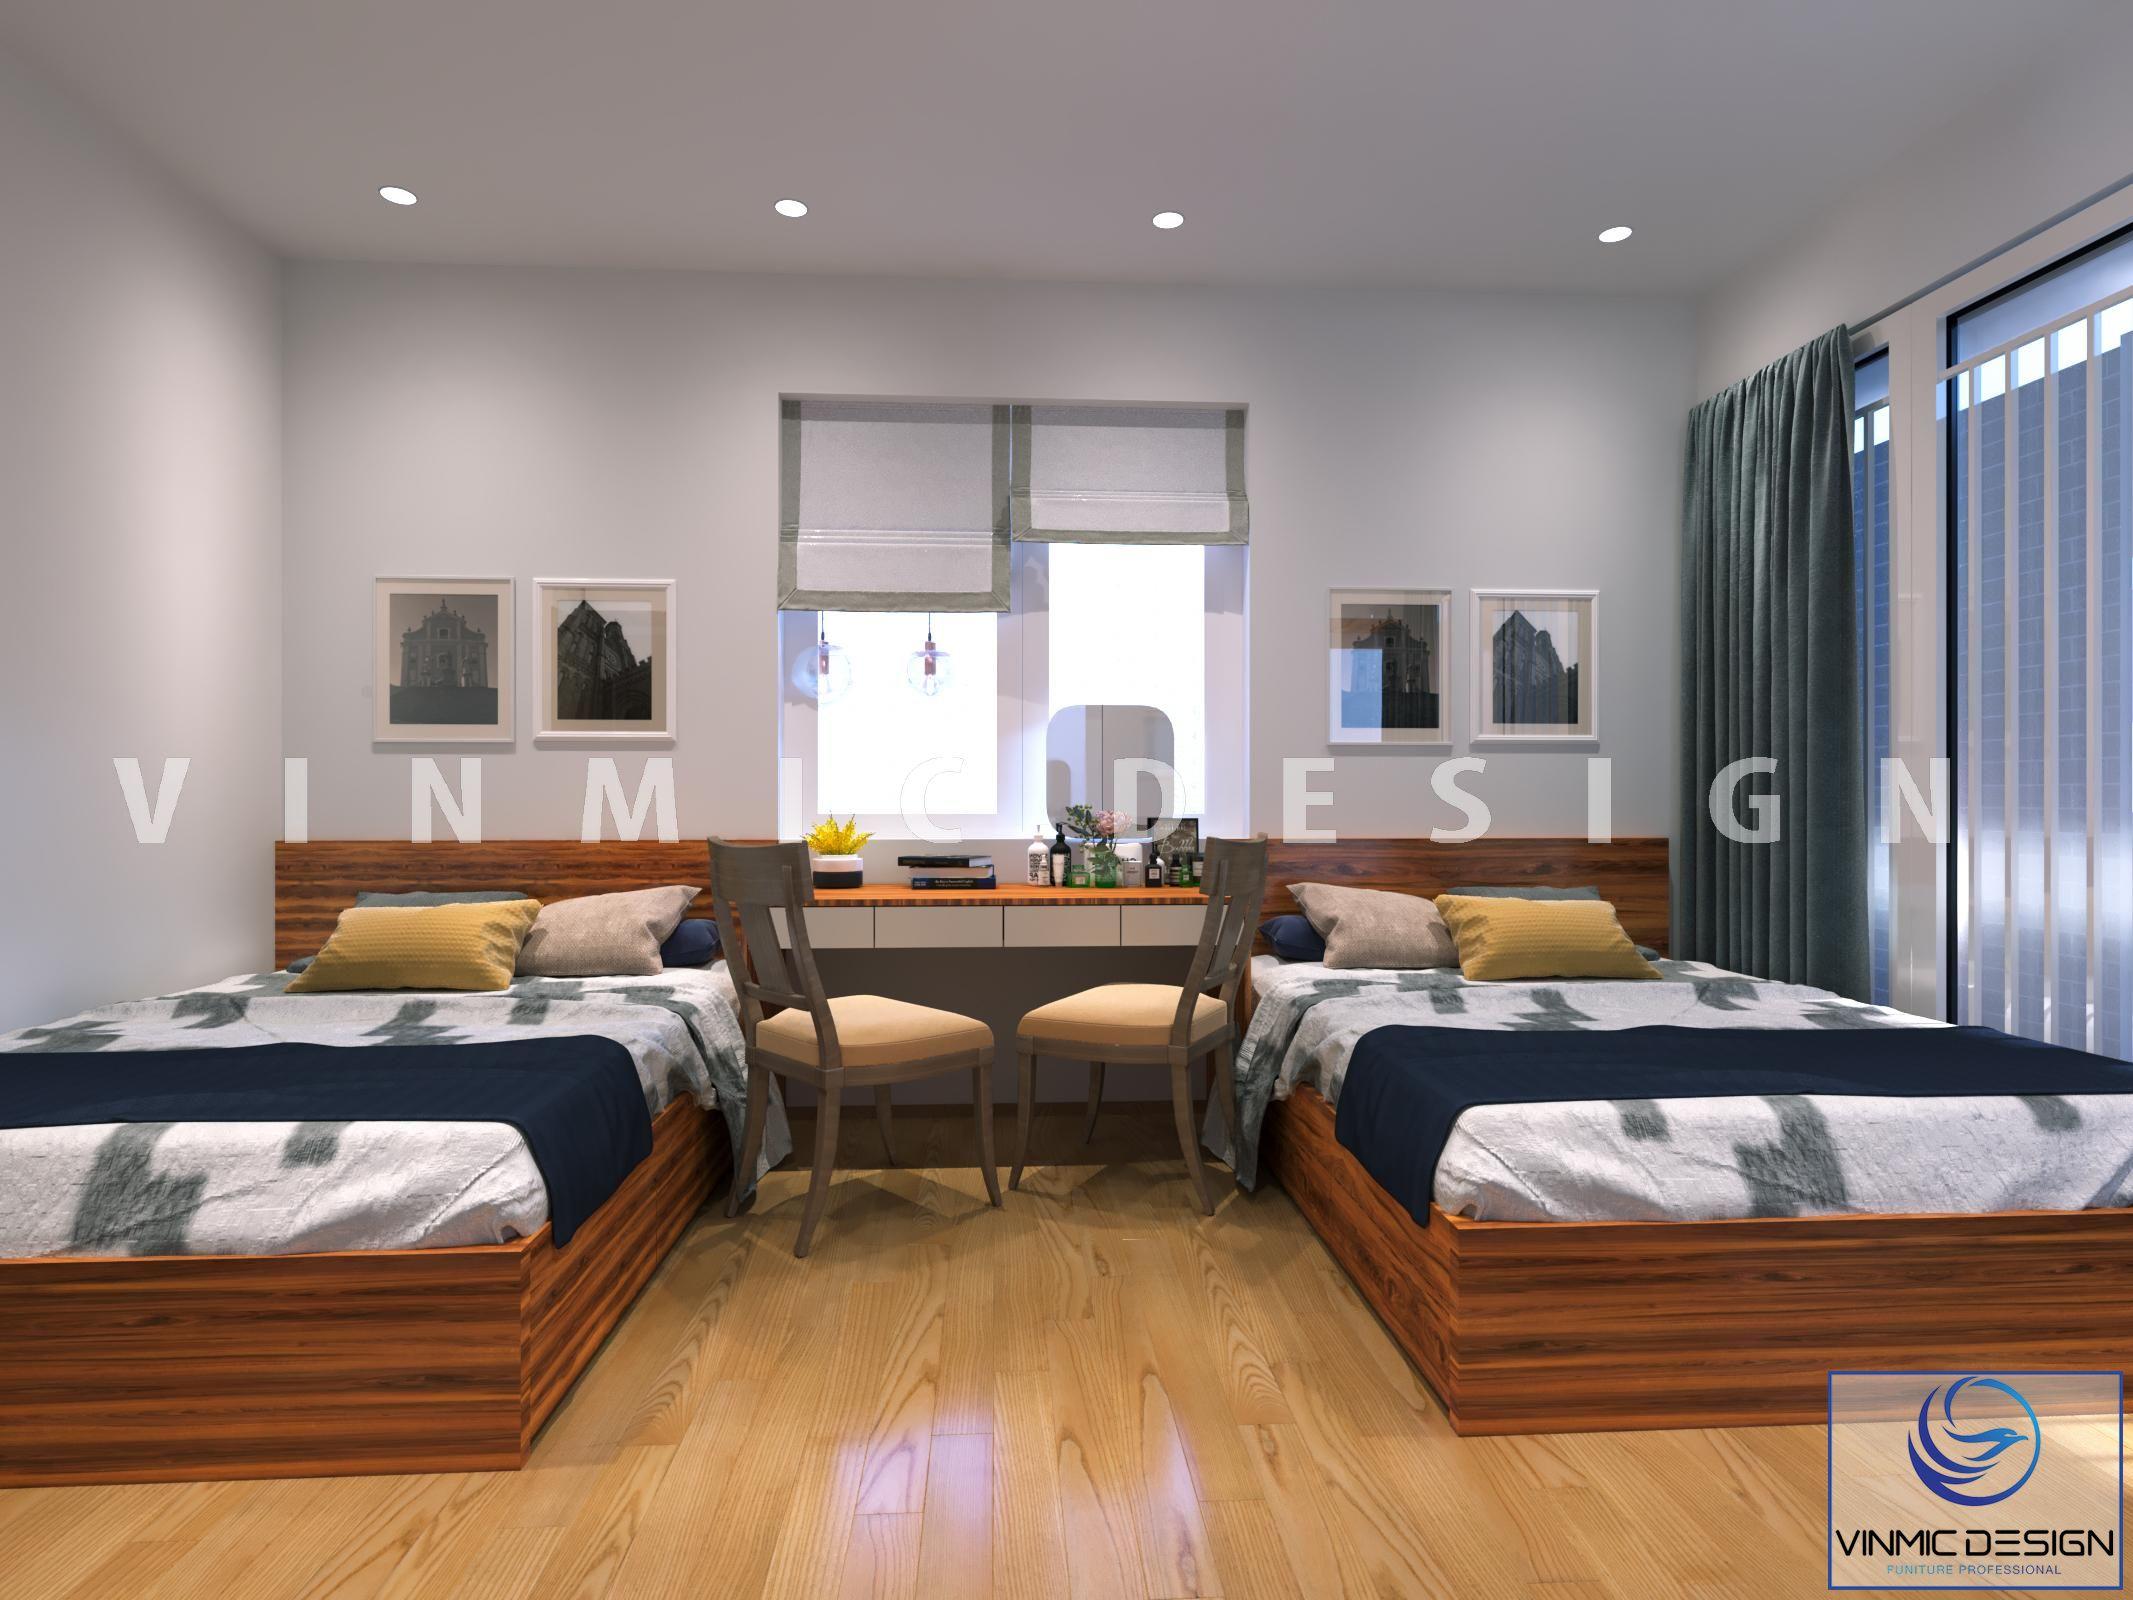 Thiết kế nội thất phòng ngủ đẹp tại phố Kim Sơn - Ninh Bình